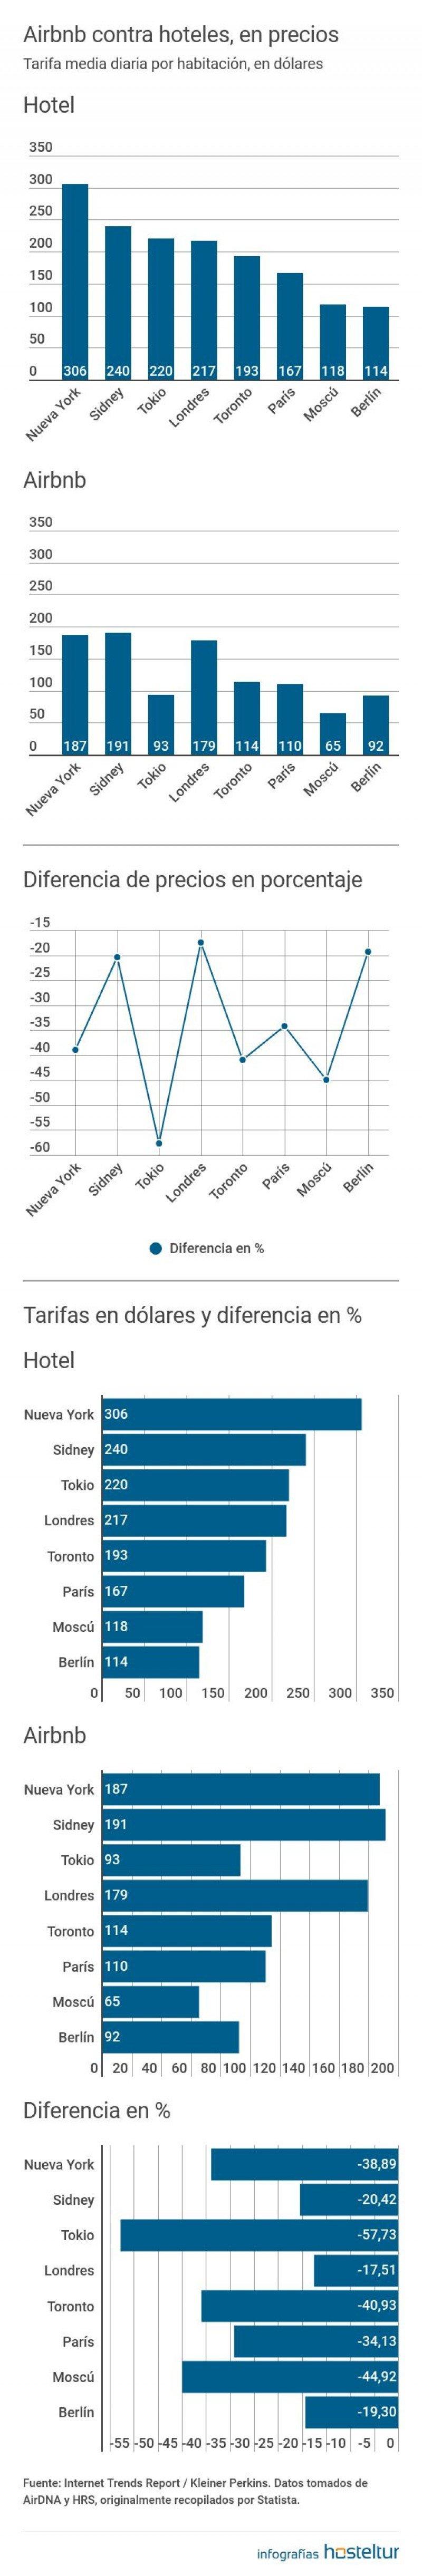 Airbnb vende 57% más barato que un hotel ¿así quién compite?